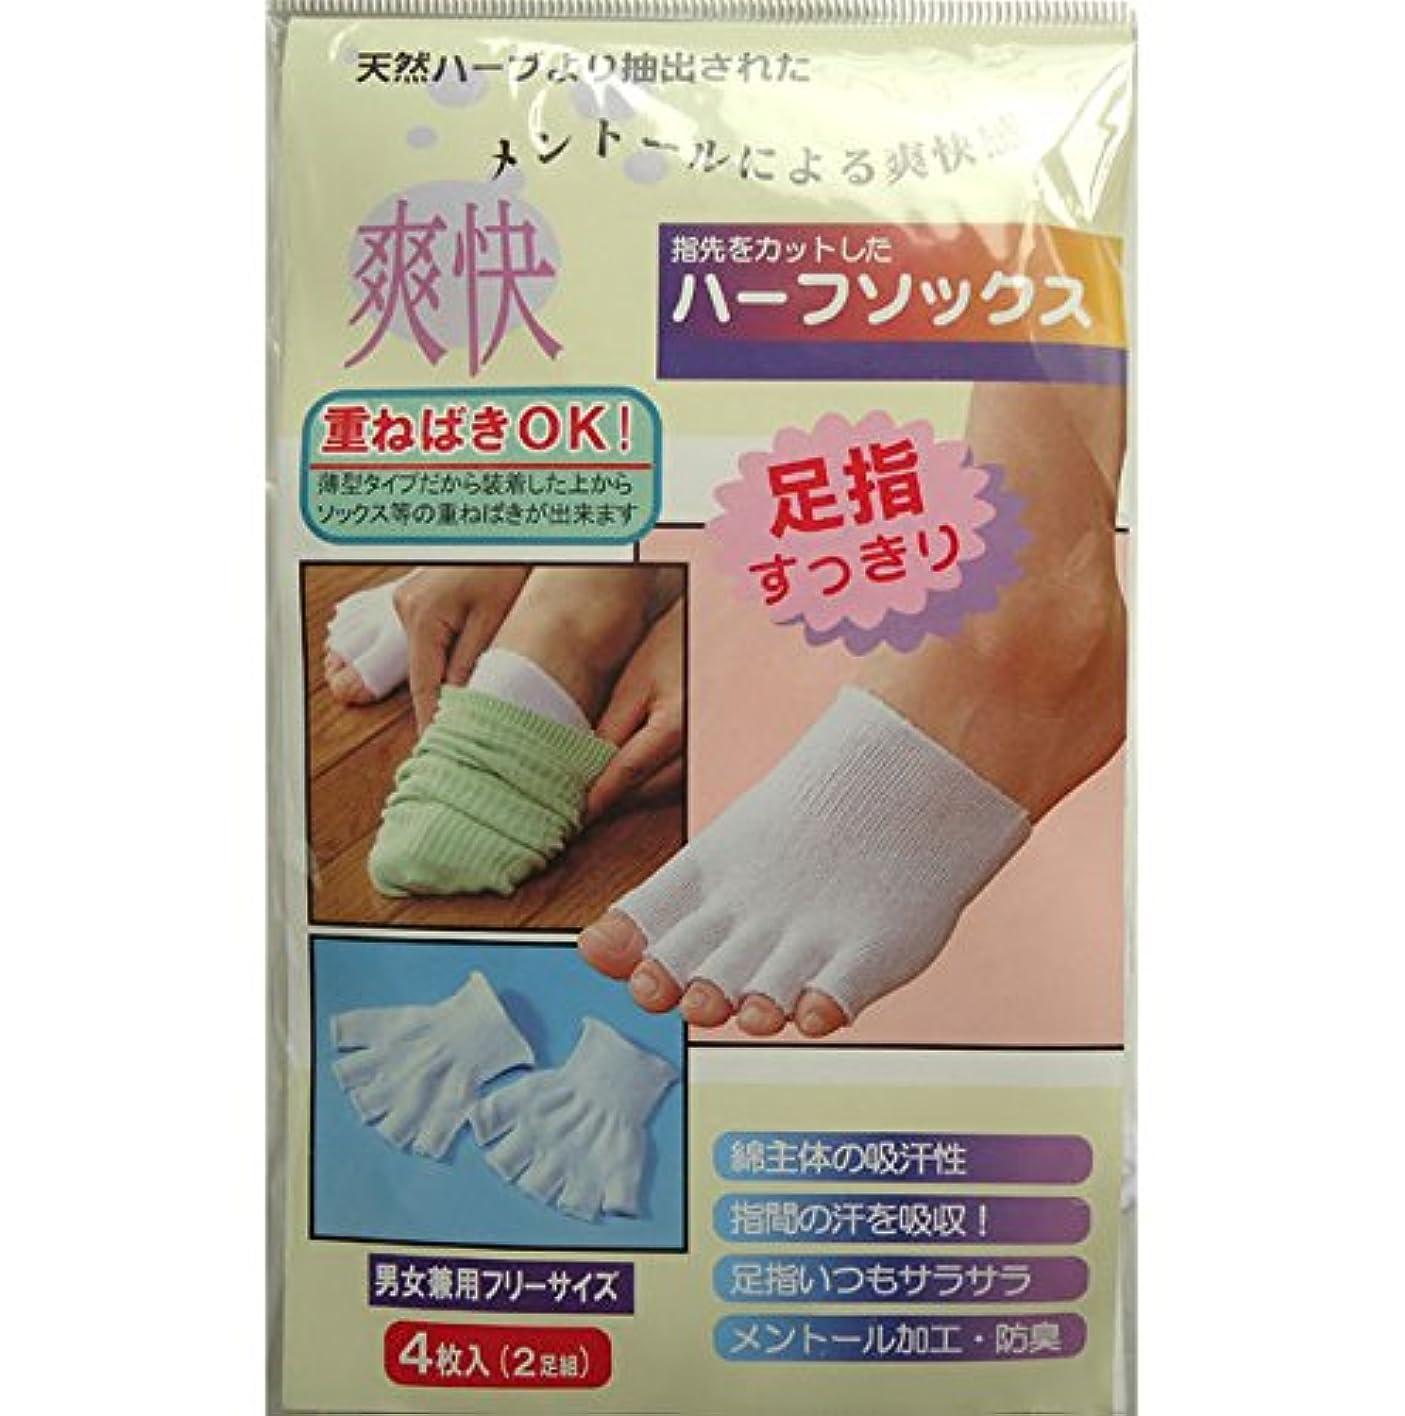 娘拡大する療法日本製 ハーフソックス 5本指 綿 抗菌防臭 メンズ レディースお買得2足組(ホワイト)